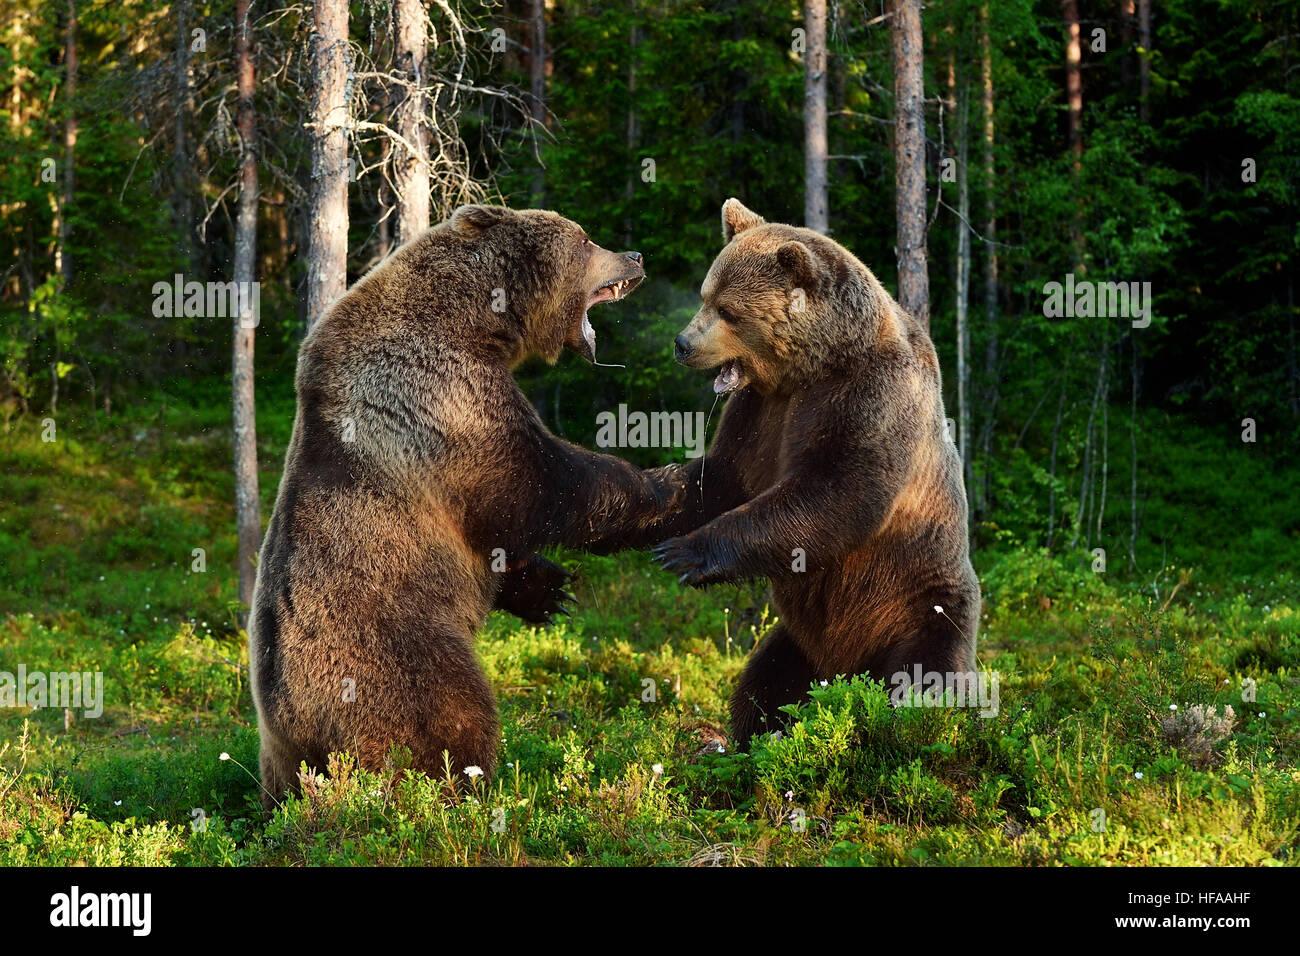 Lutte la lutte contre l'ours ours.. lutte animale. Banque D'Images